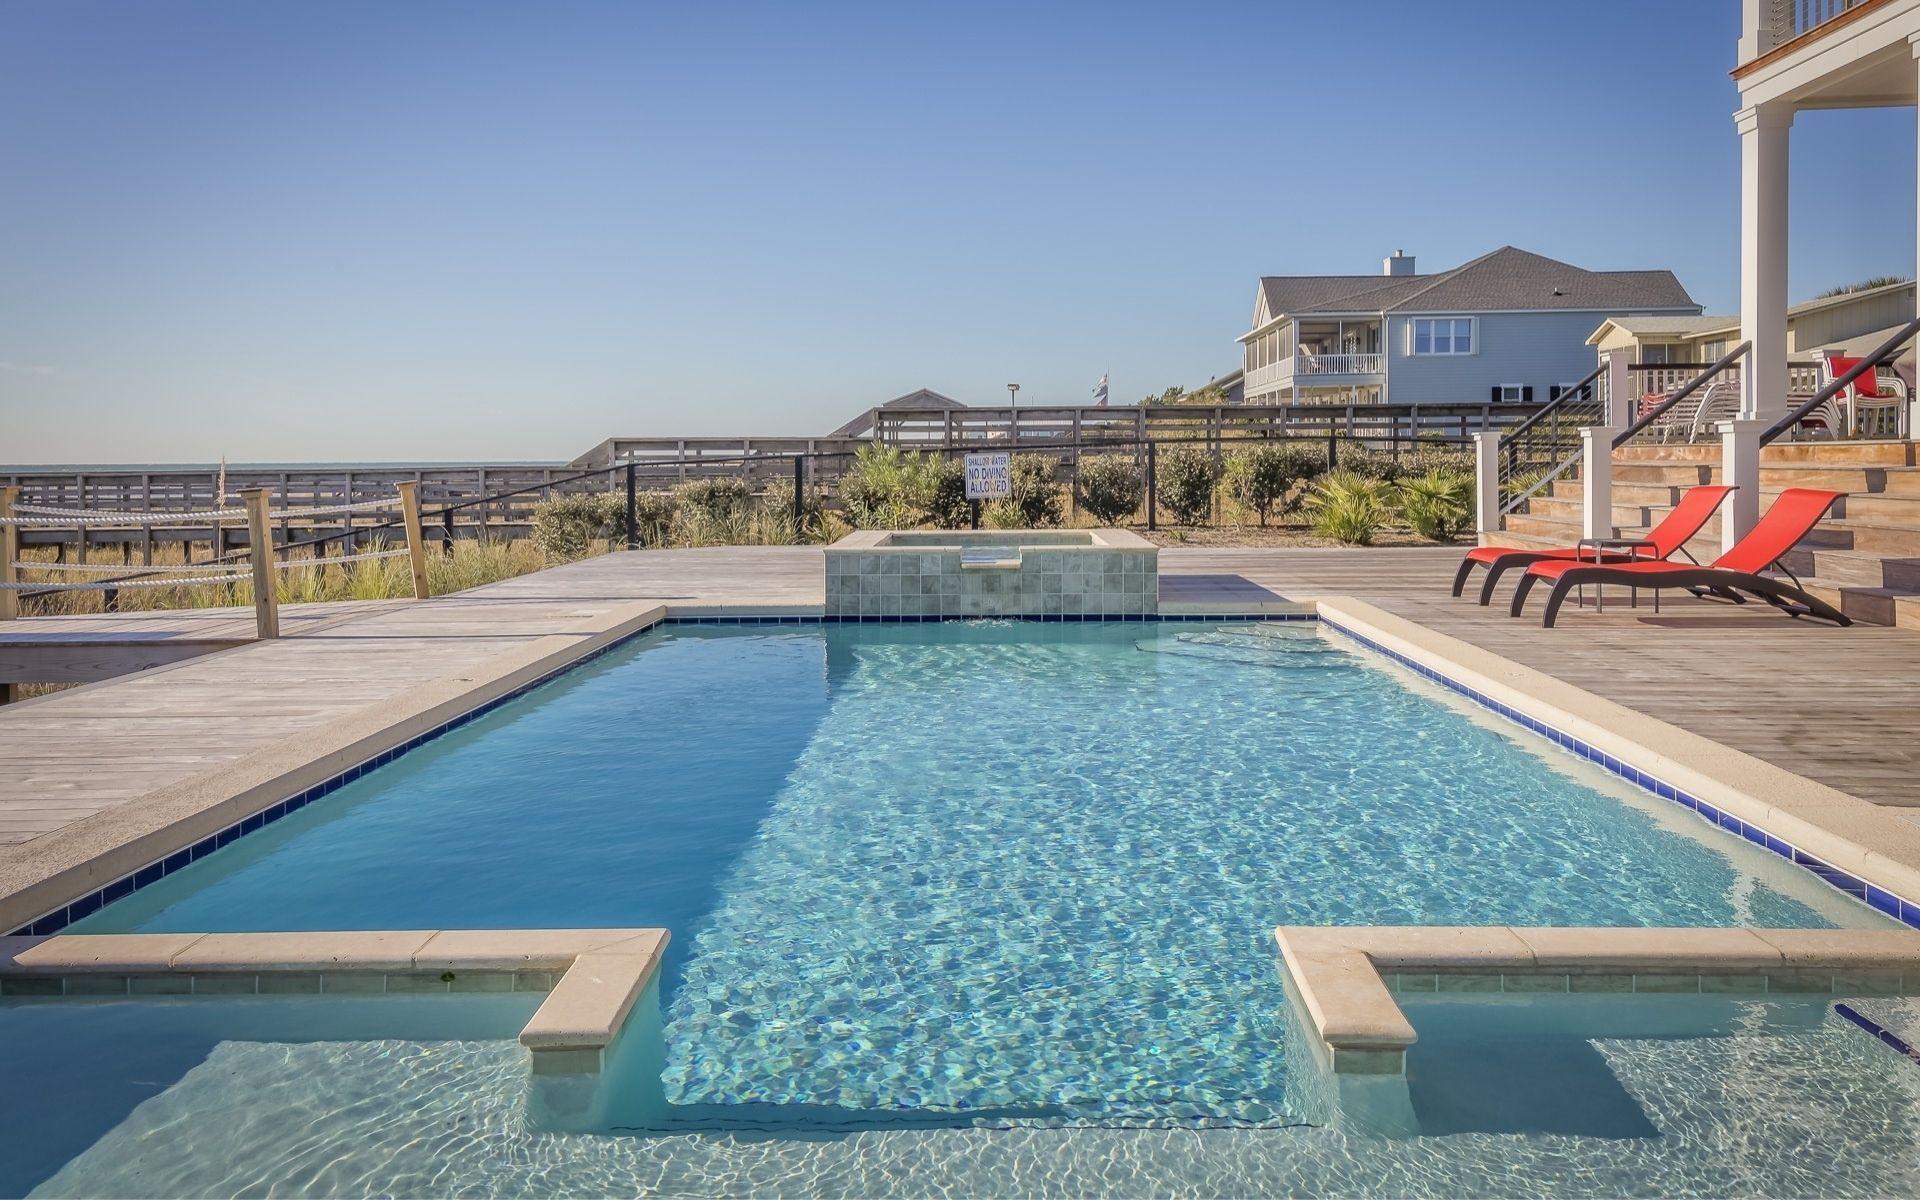 impermeabilização com vinil piscinas moldadas no local